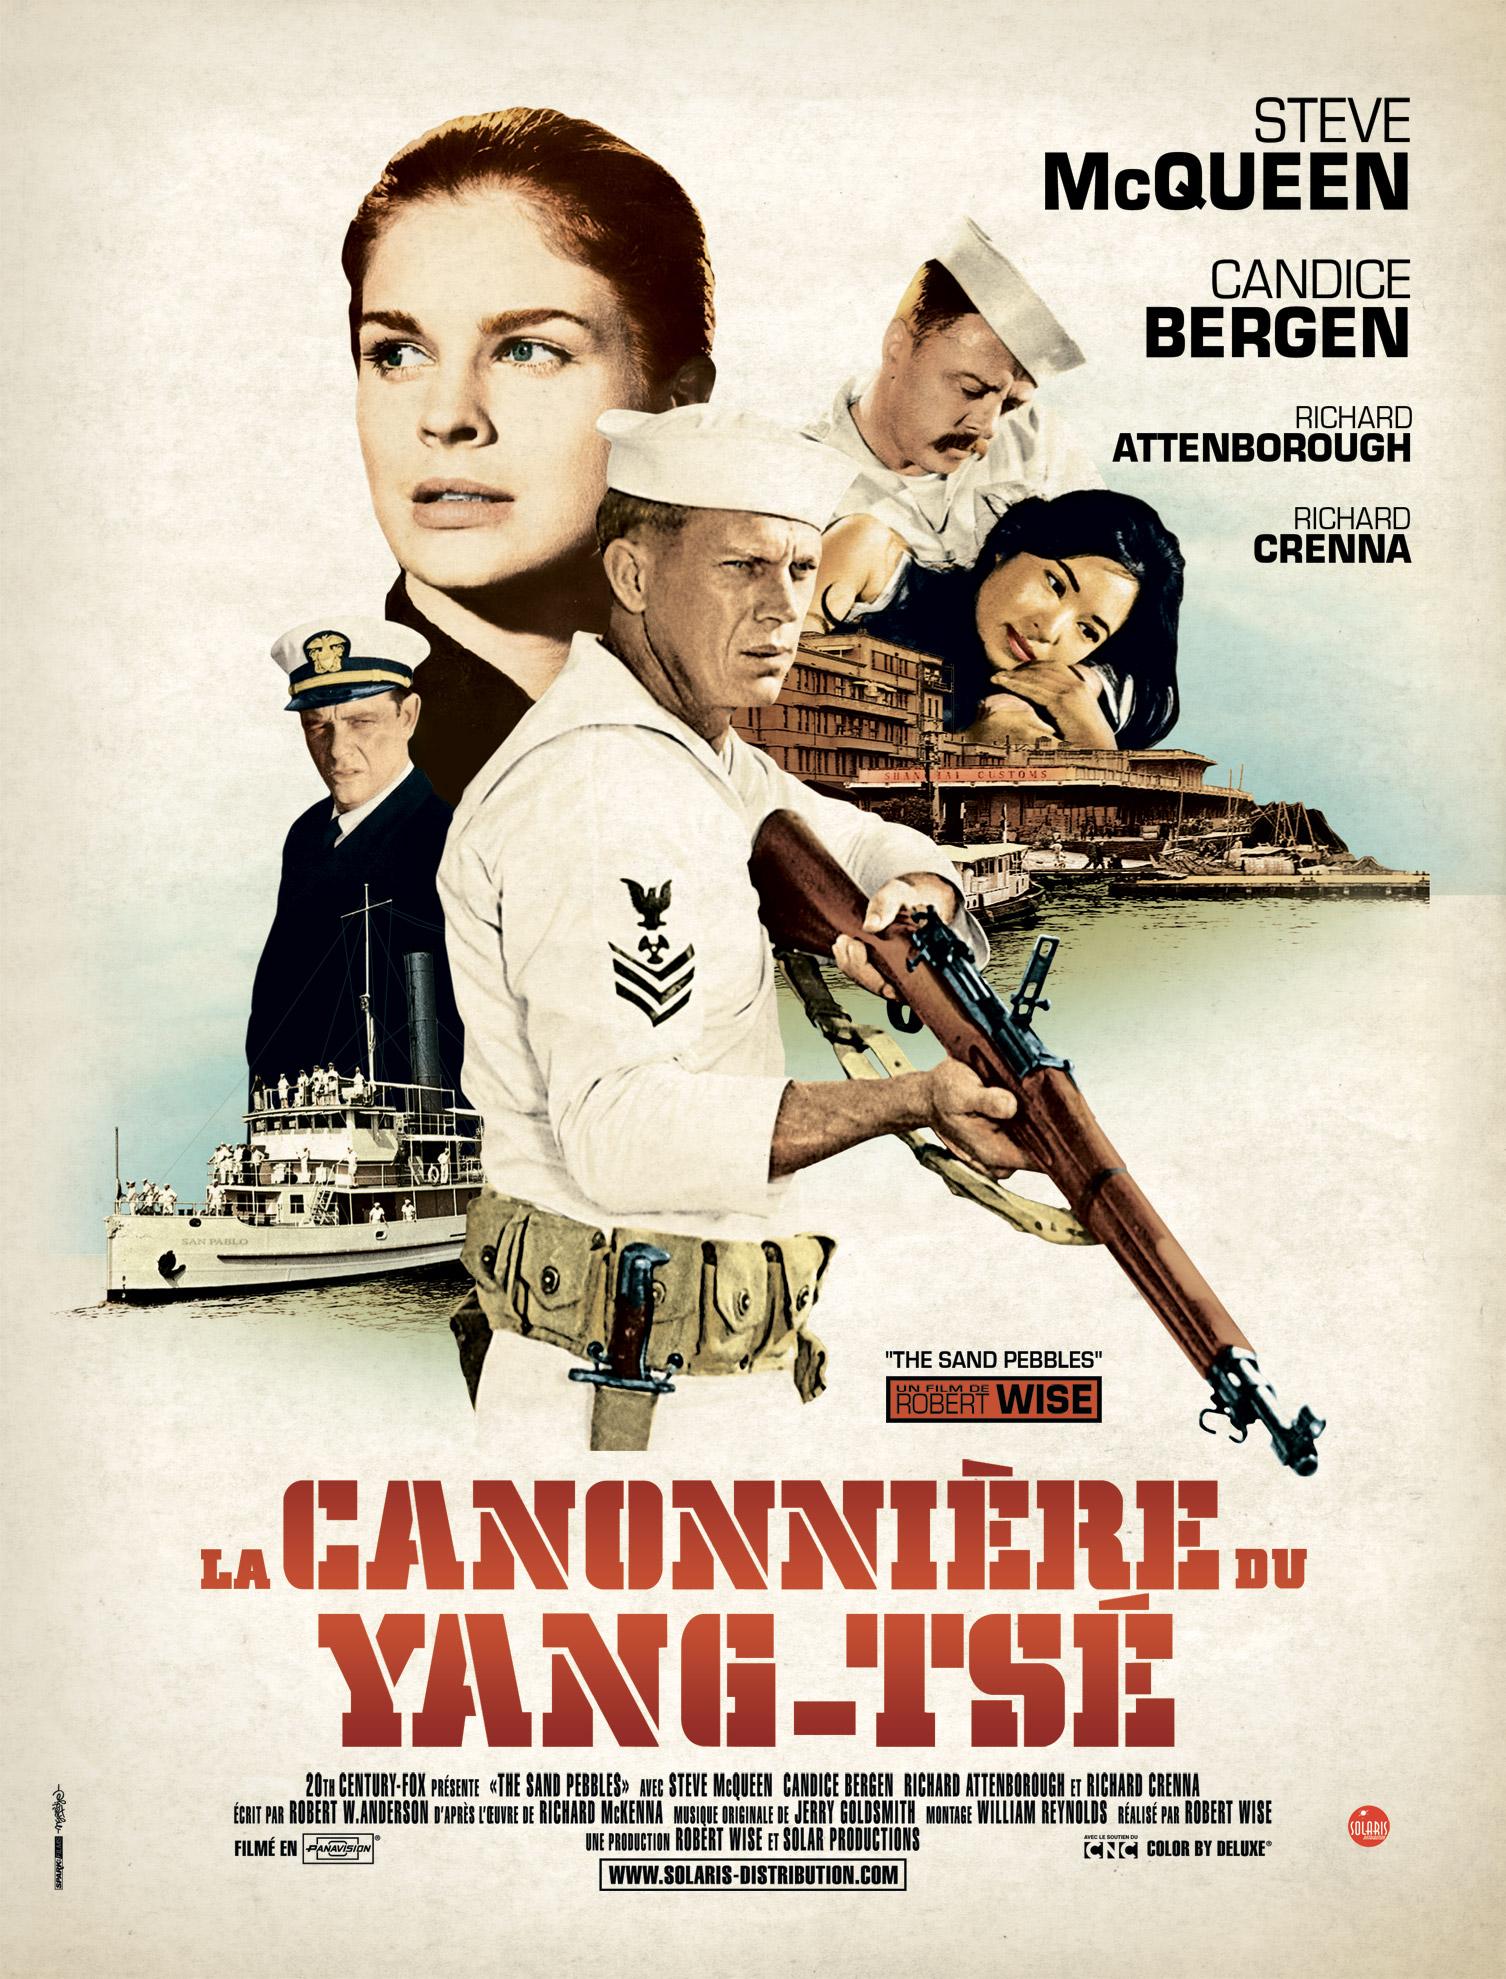 La canonnière du Yang-Tsé - Affiche